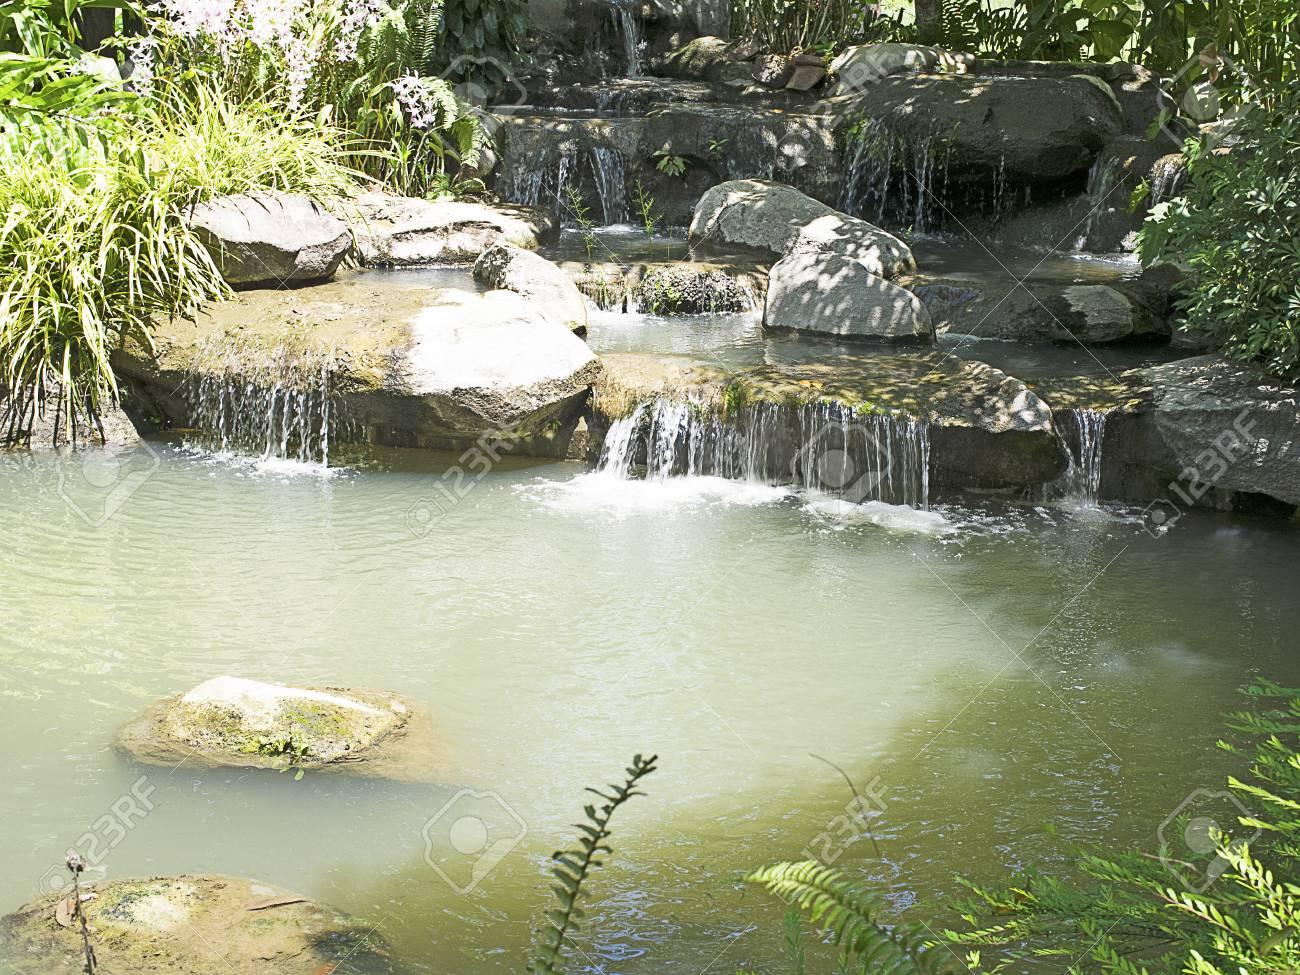 Un petit jardin de cascade artificielle, les rochers et petit étang.